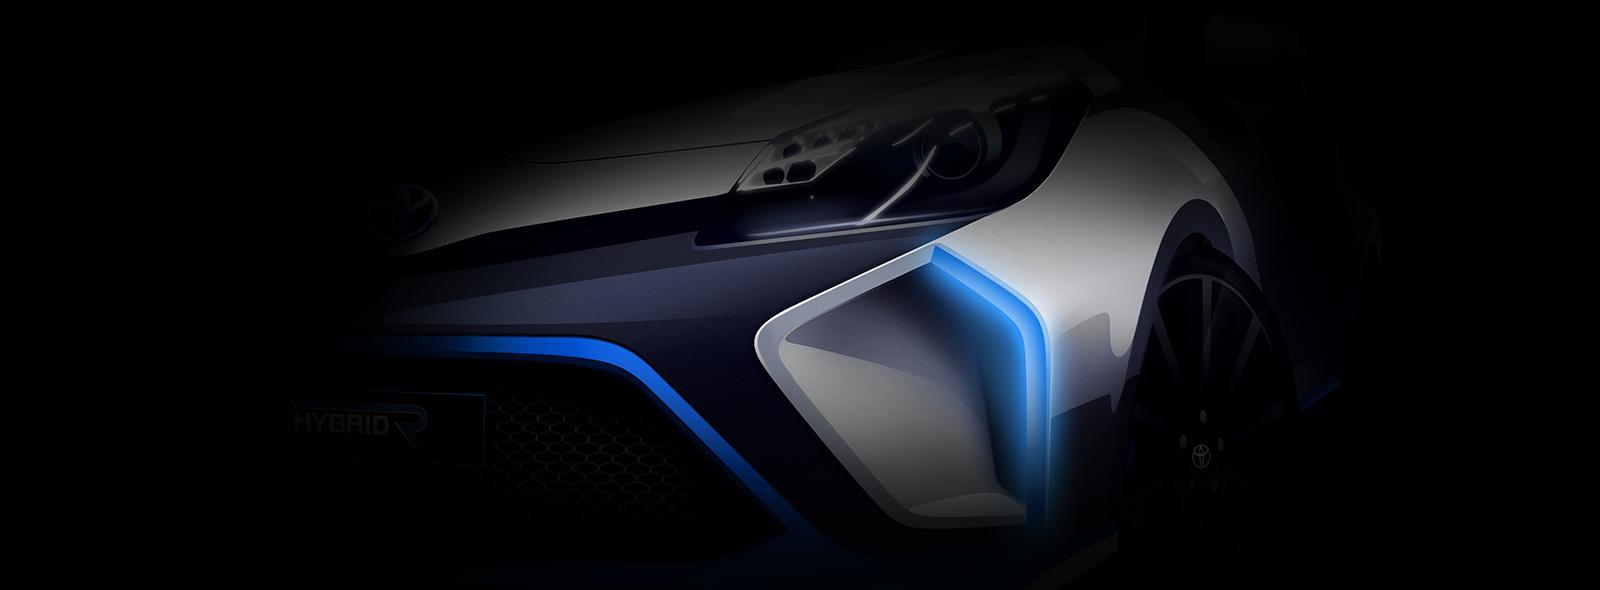 Гібридні інновації Тойота